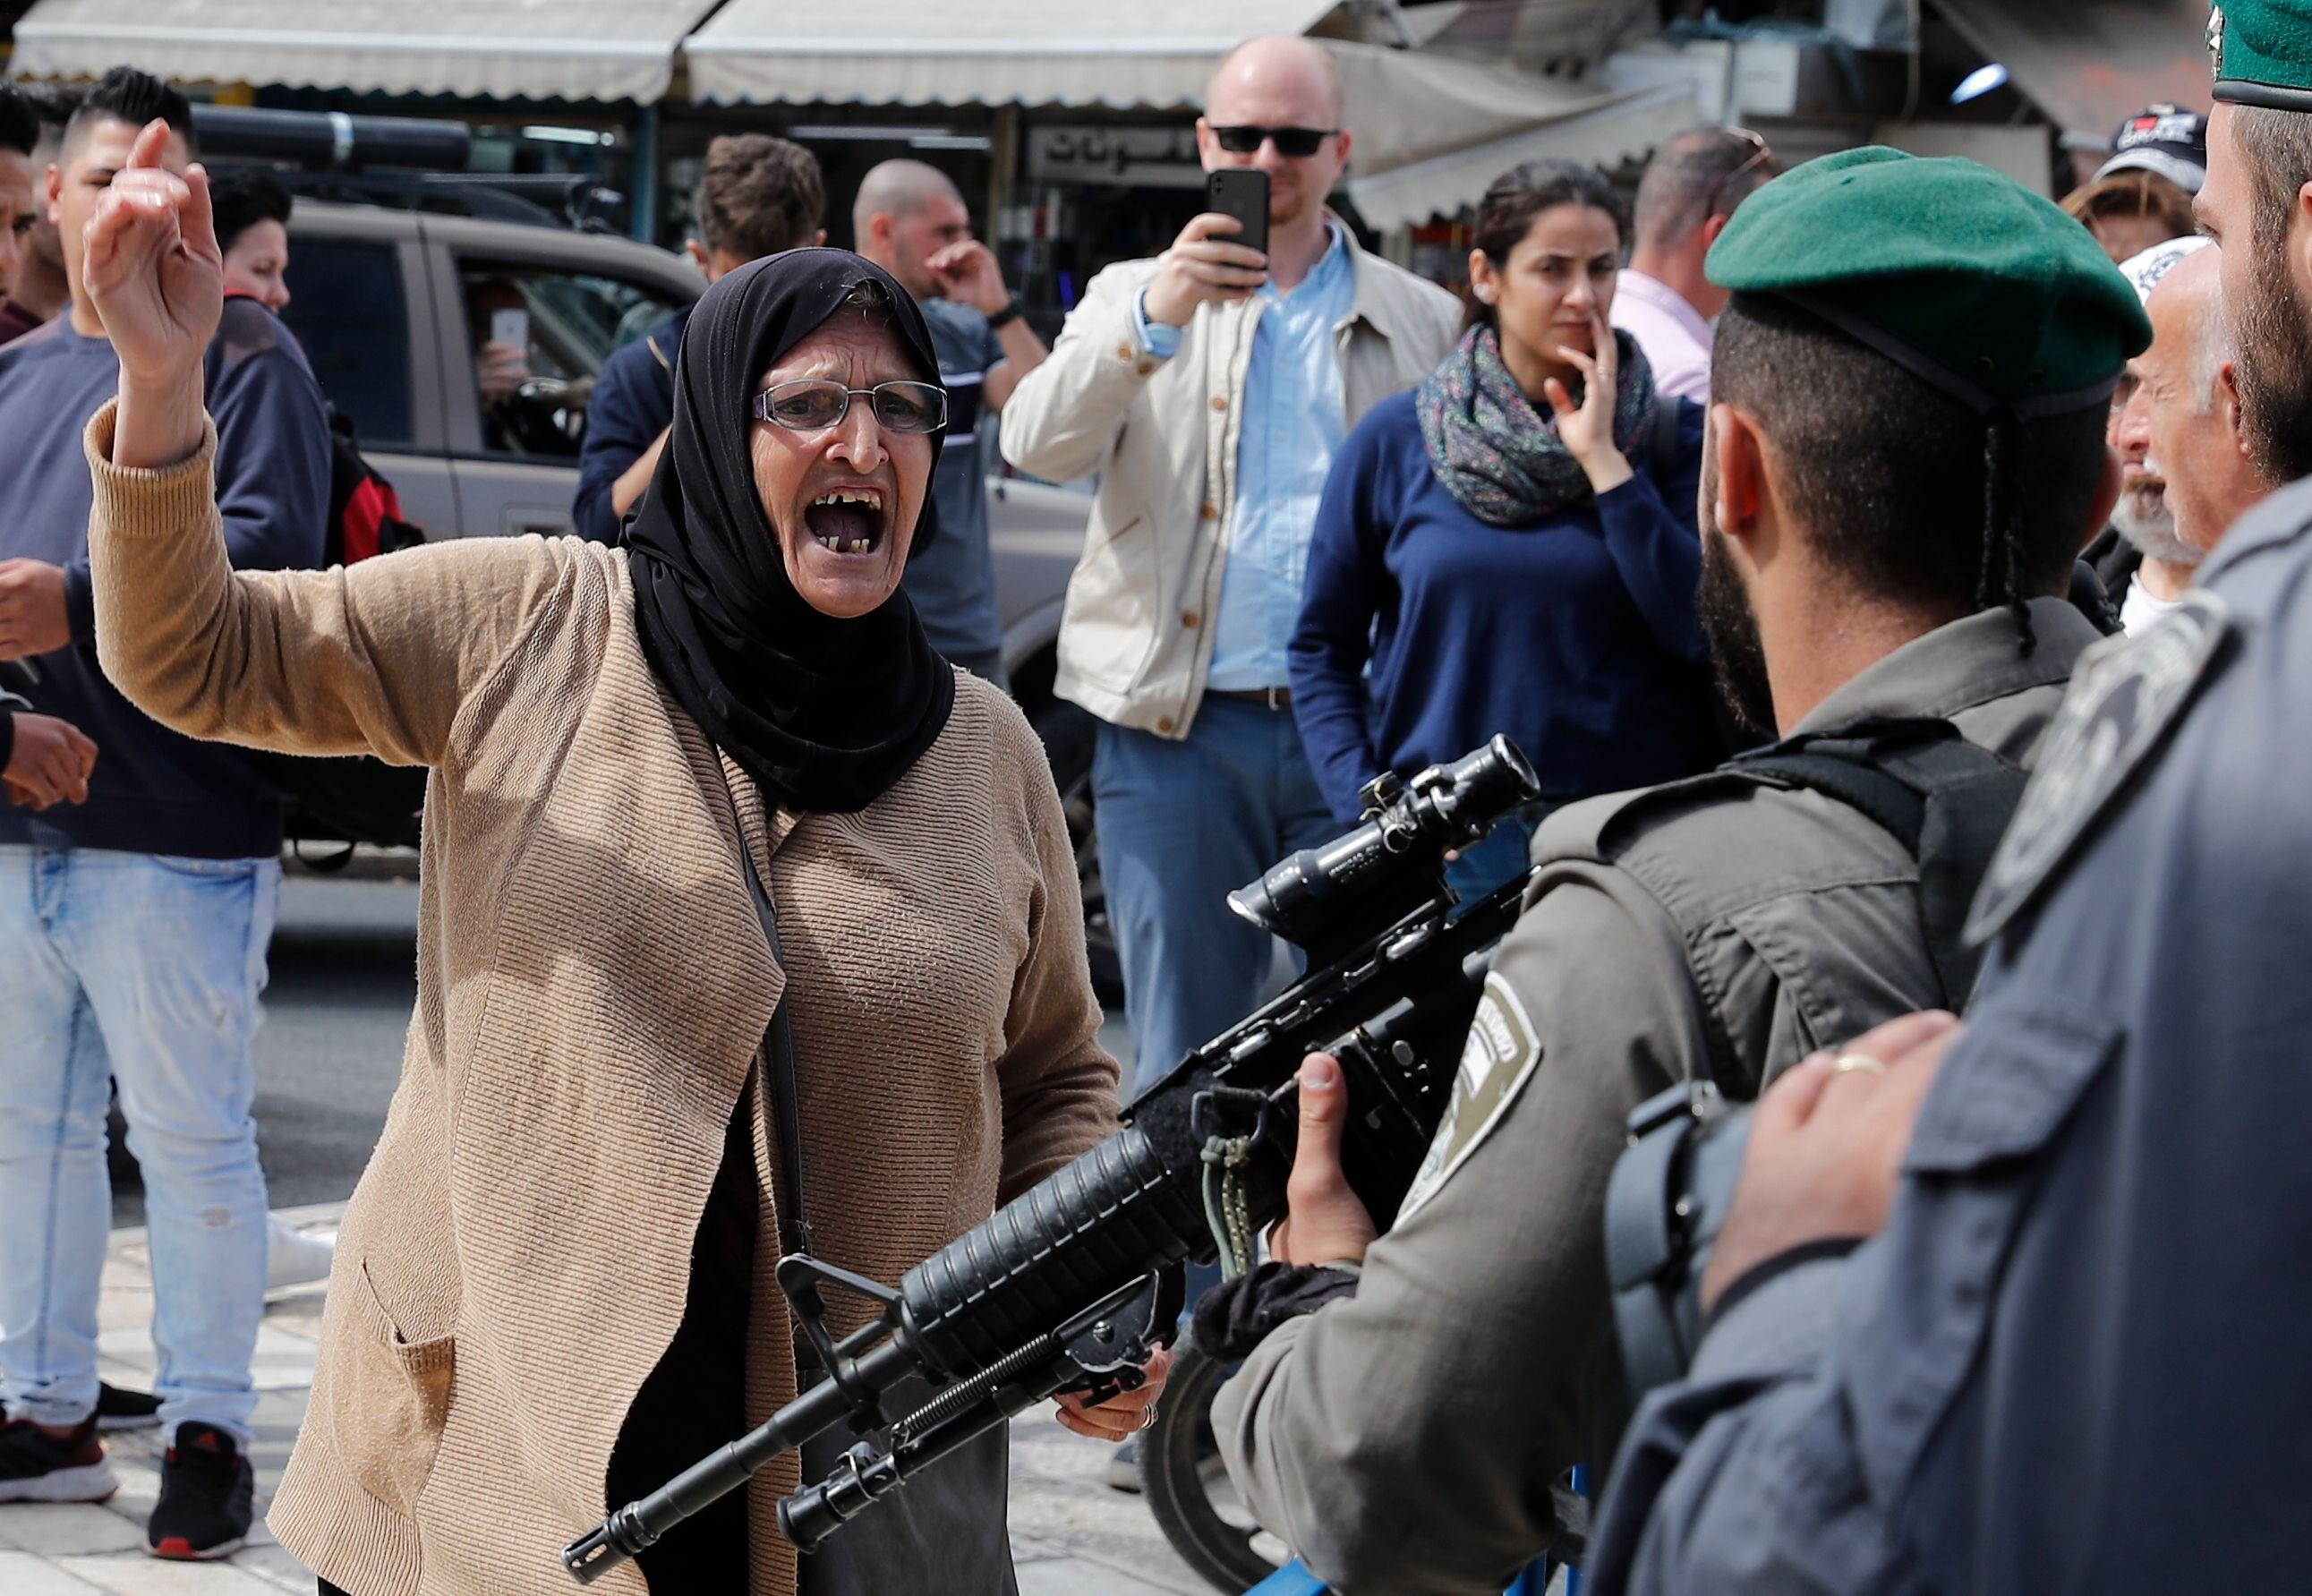 السيدة أمام أسلحة الاحتلال